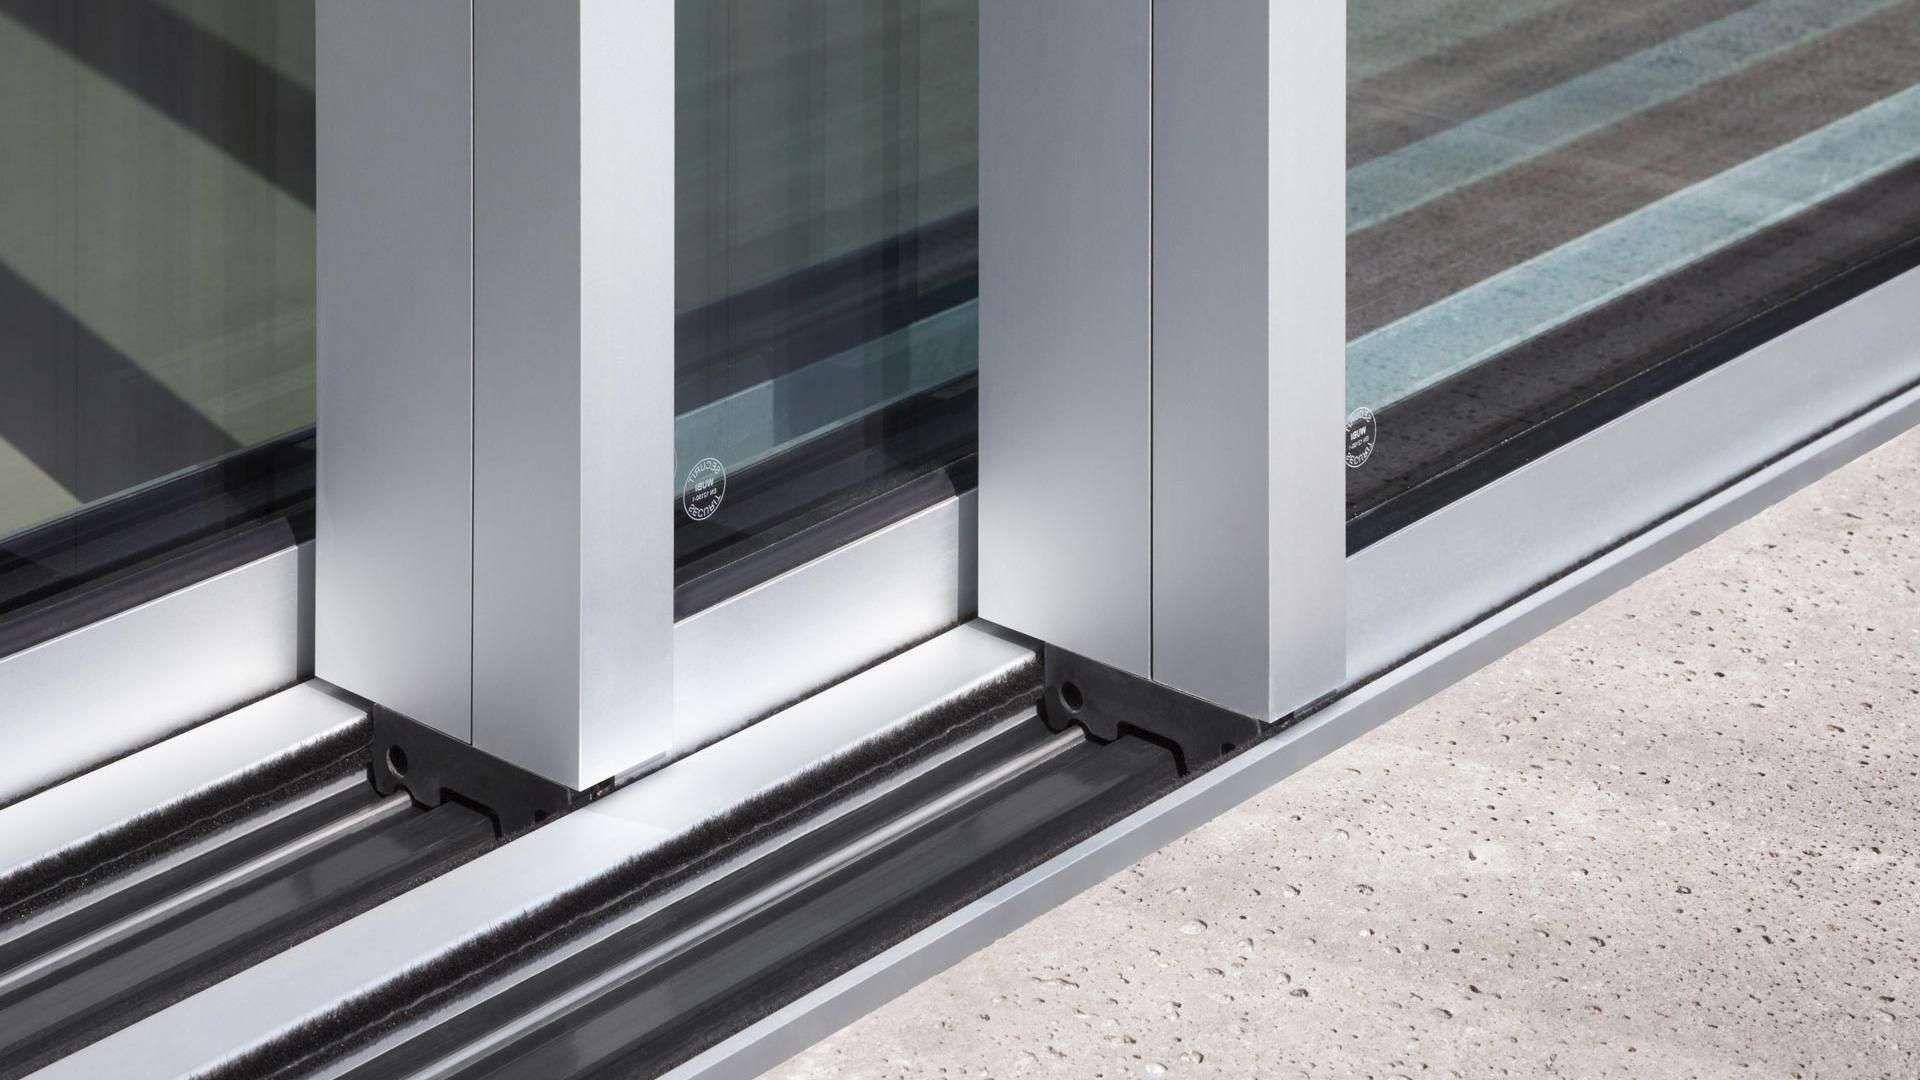 cero Schiebefenster by Solarlux